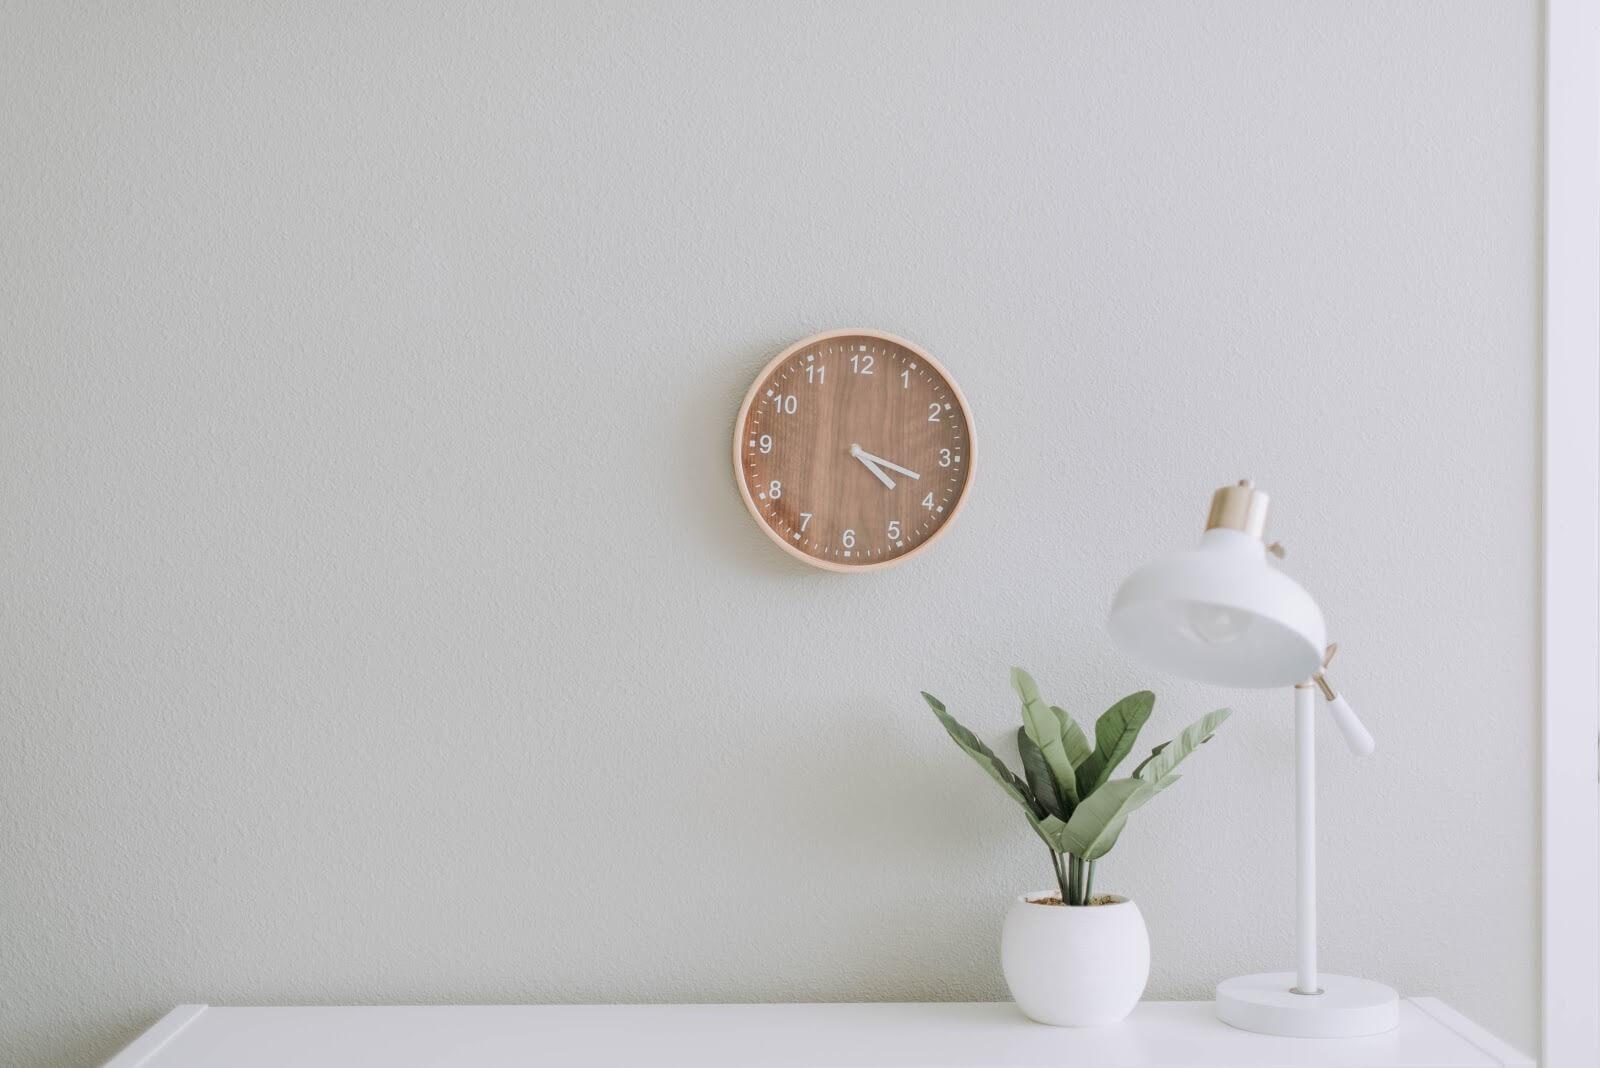 Reloj y escritorio blanco minimalista